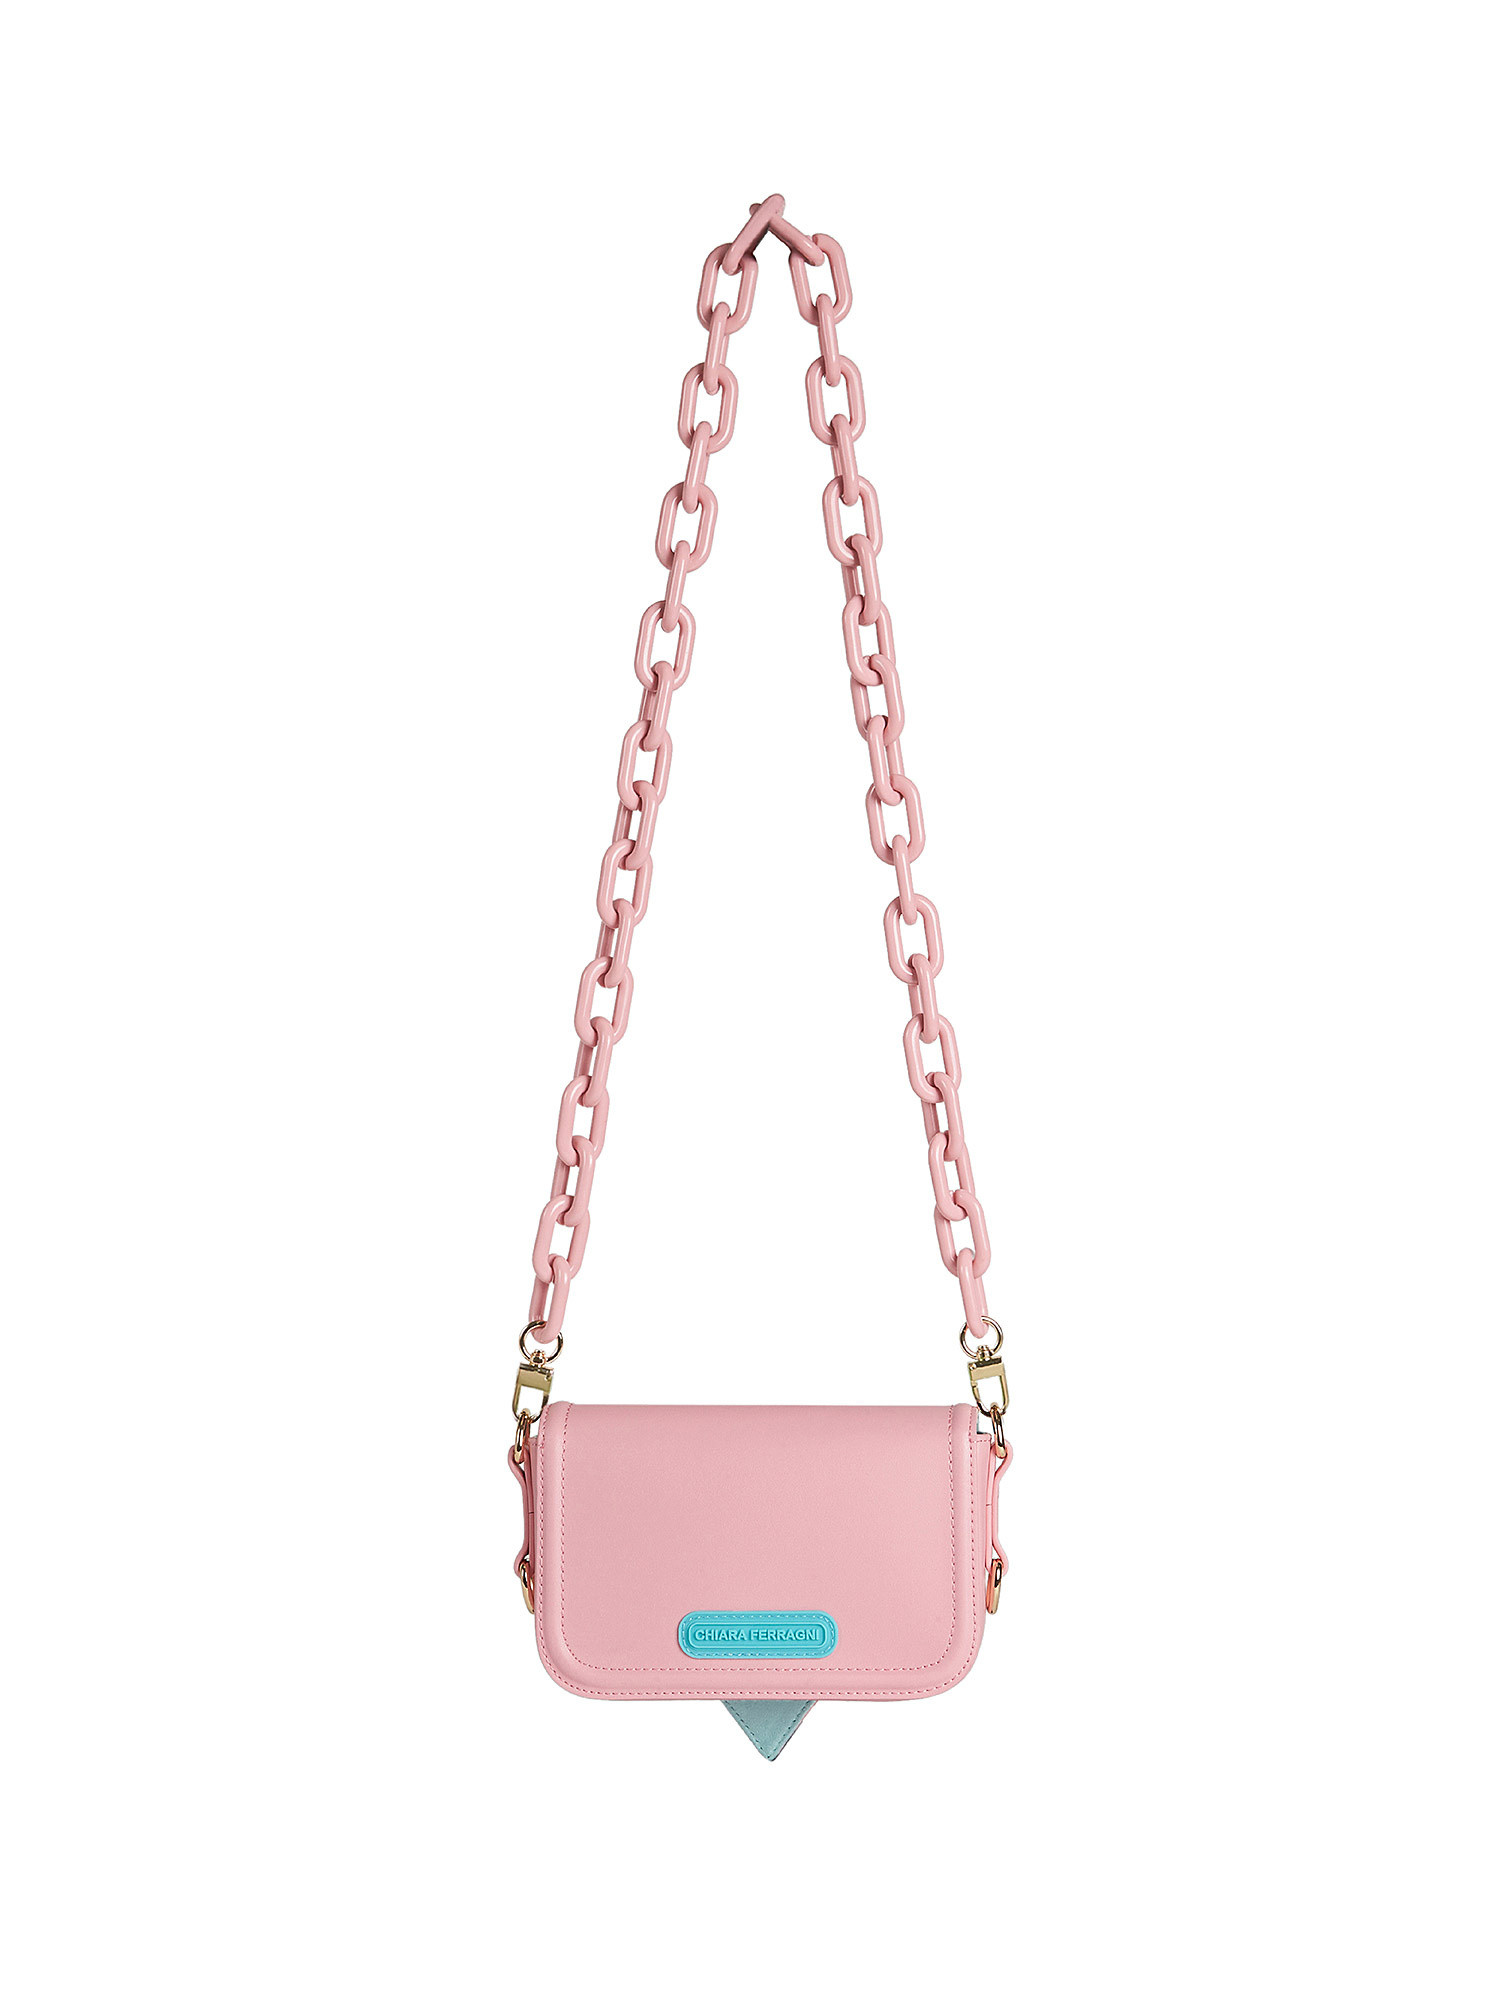 Small Eyelike Bag, Rosa, large image number 1